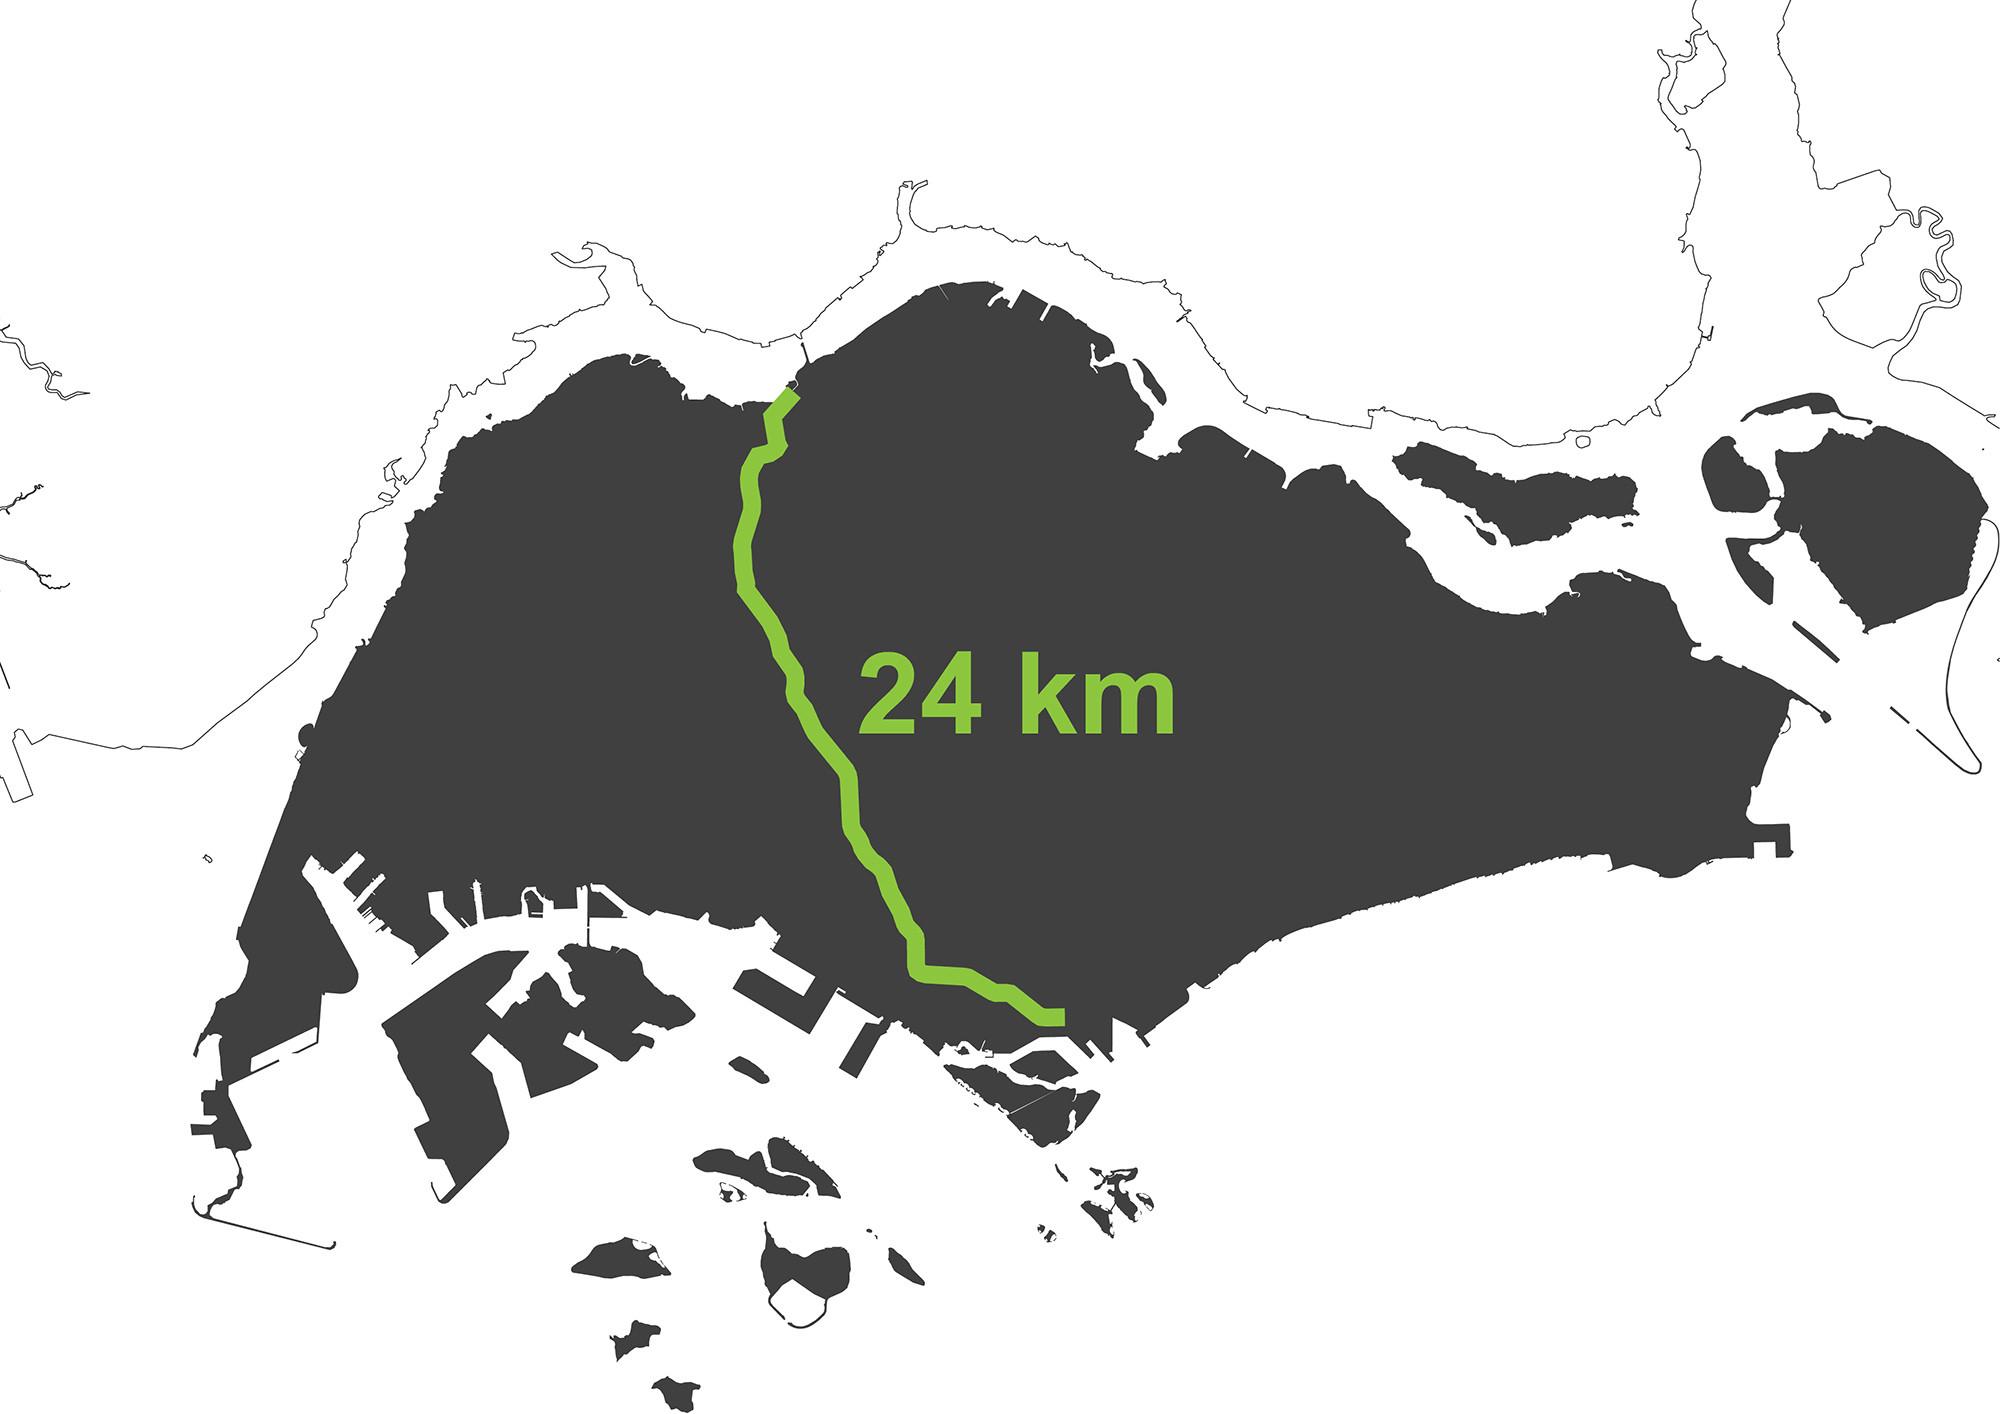 Mapa del Singapore Rail Corridor. Imagen cortesía de OMA